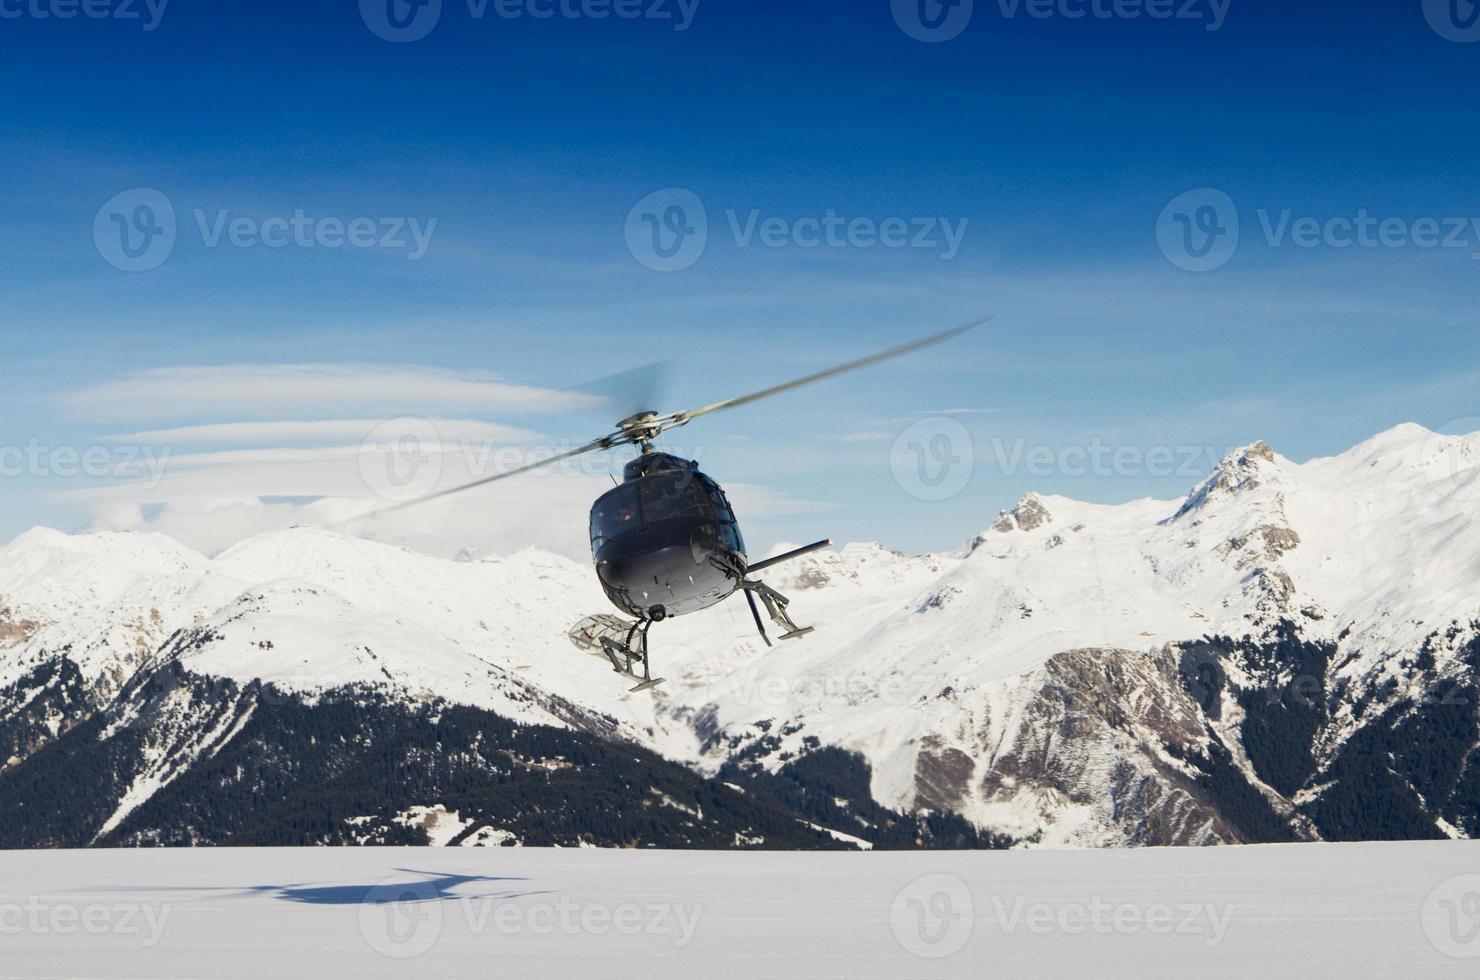 un hélicoptère de sauvetage en montagne en vol par des montagnes enneigées photo